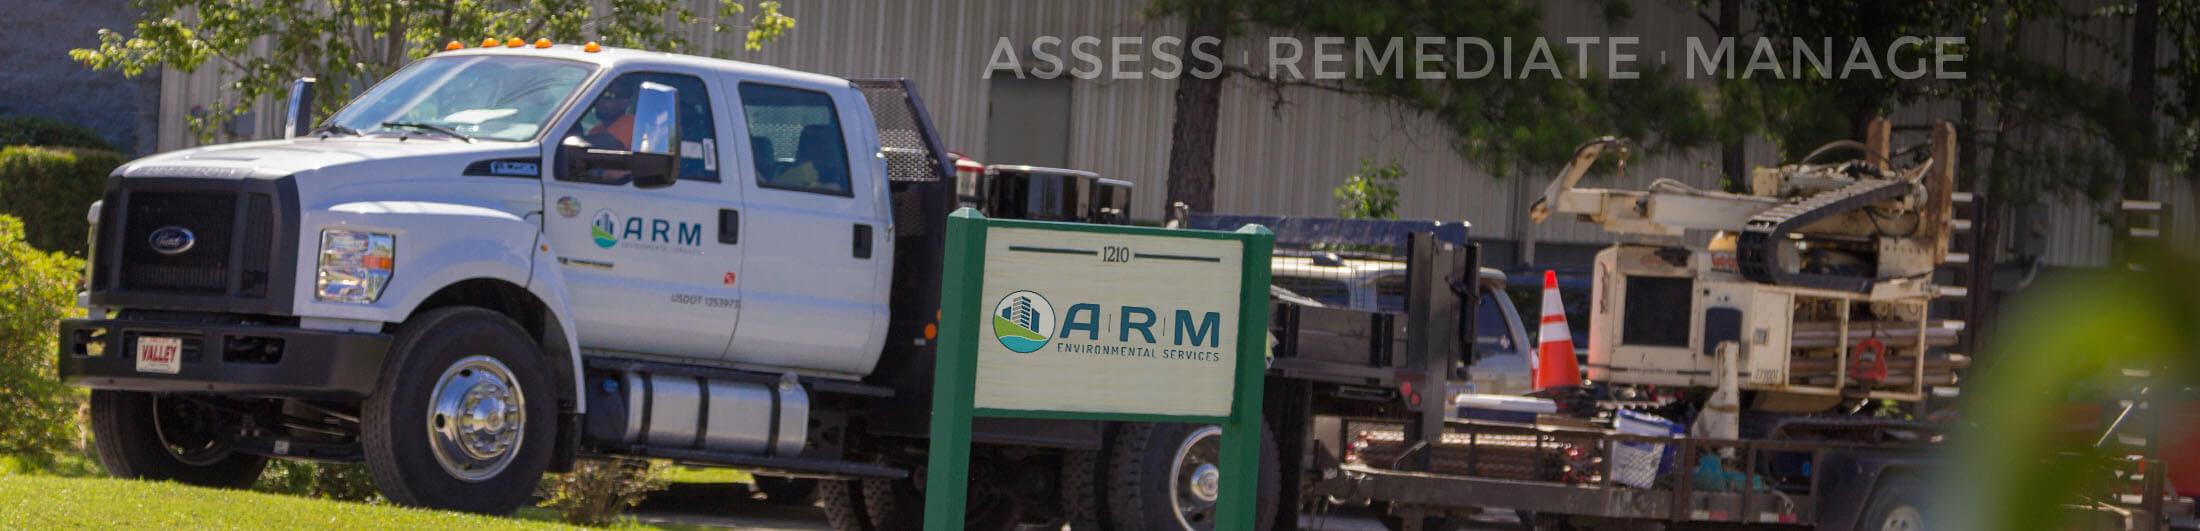 ARM Environmental Services